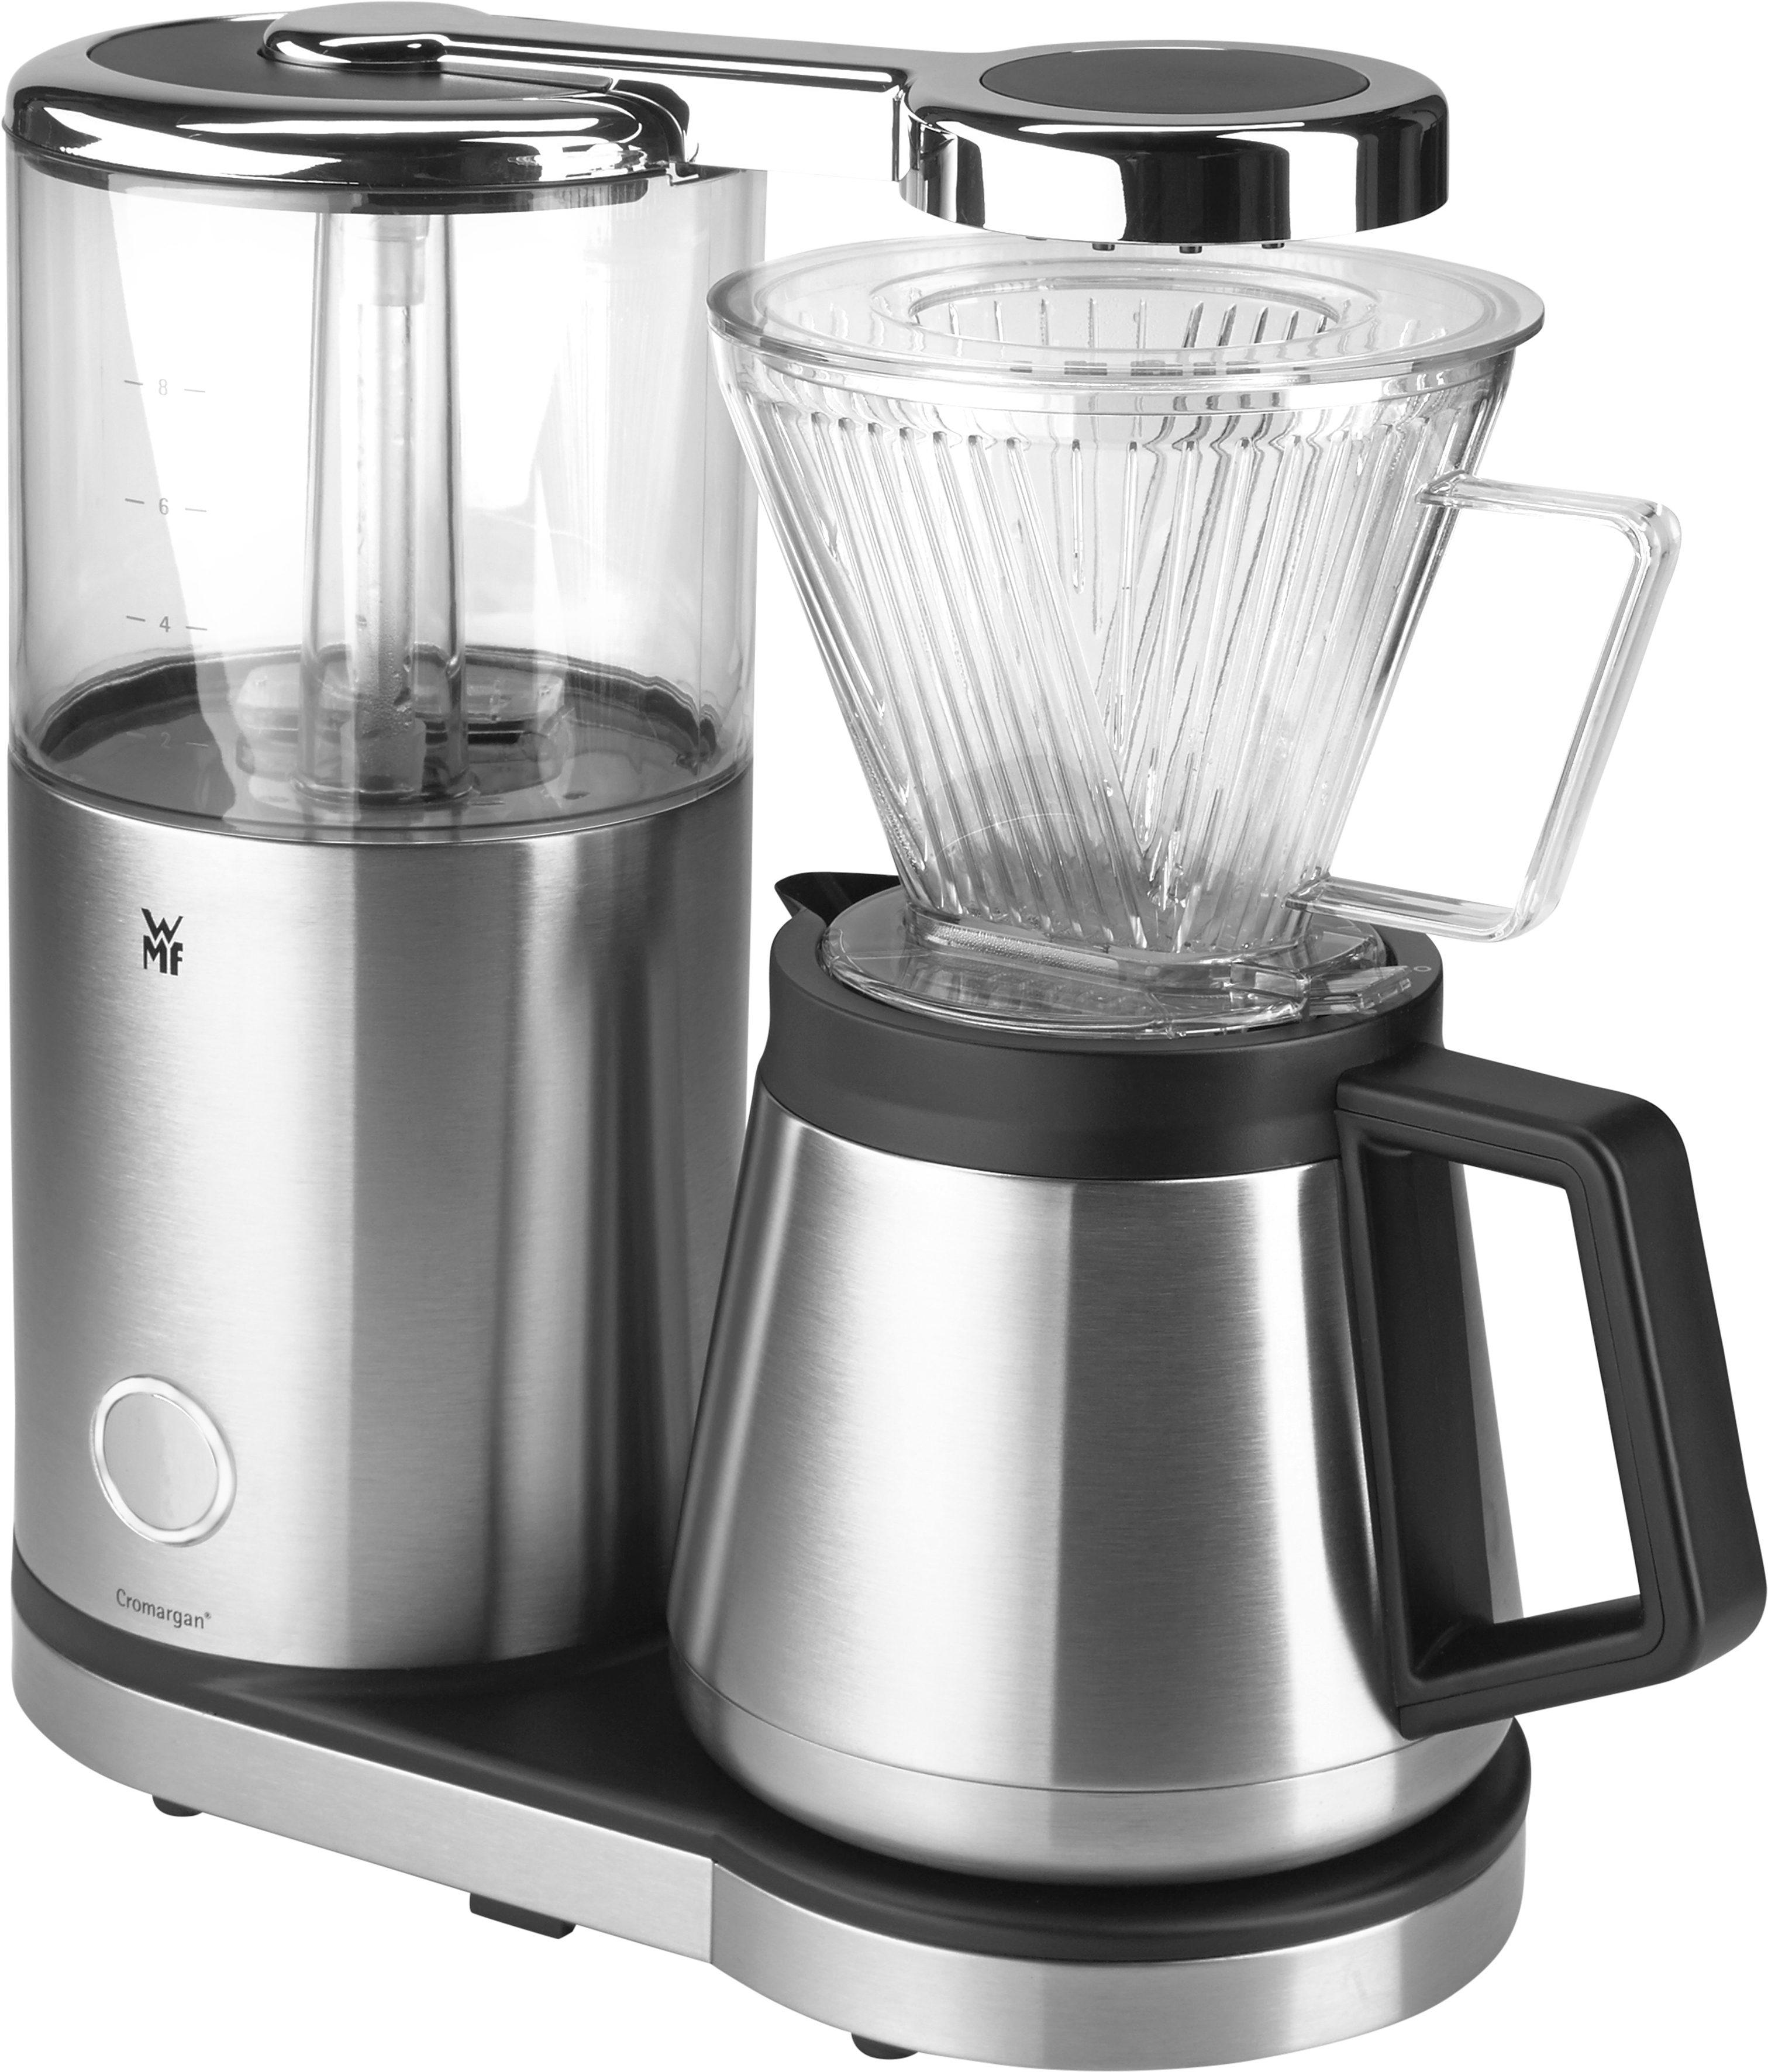 WMF Kaffeemaschine »AromaMaster Thermo«, für 1,0 Liter, 1400 Watt, Cromargan® matt